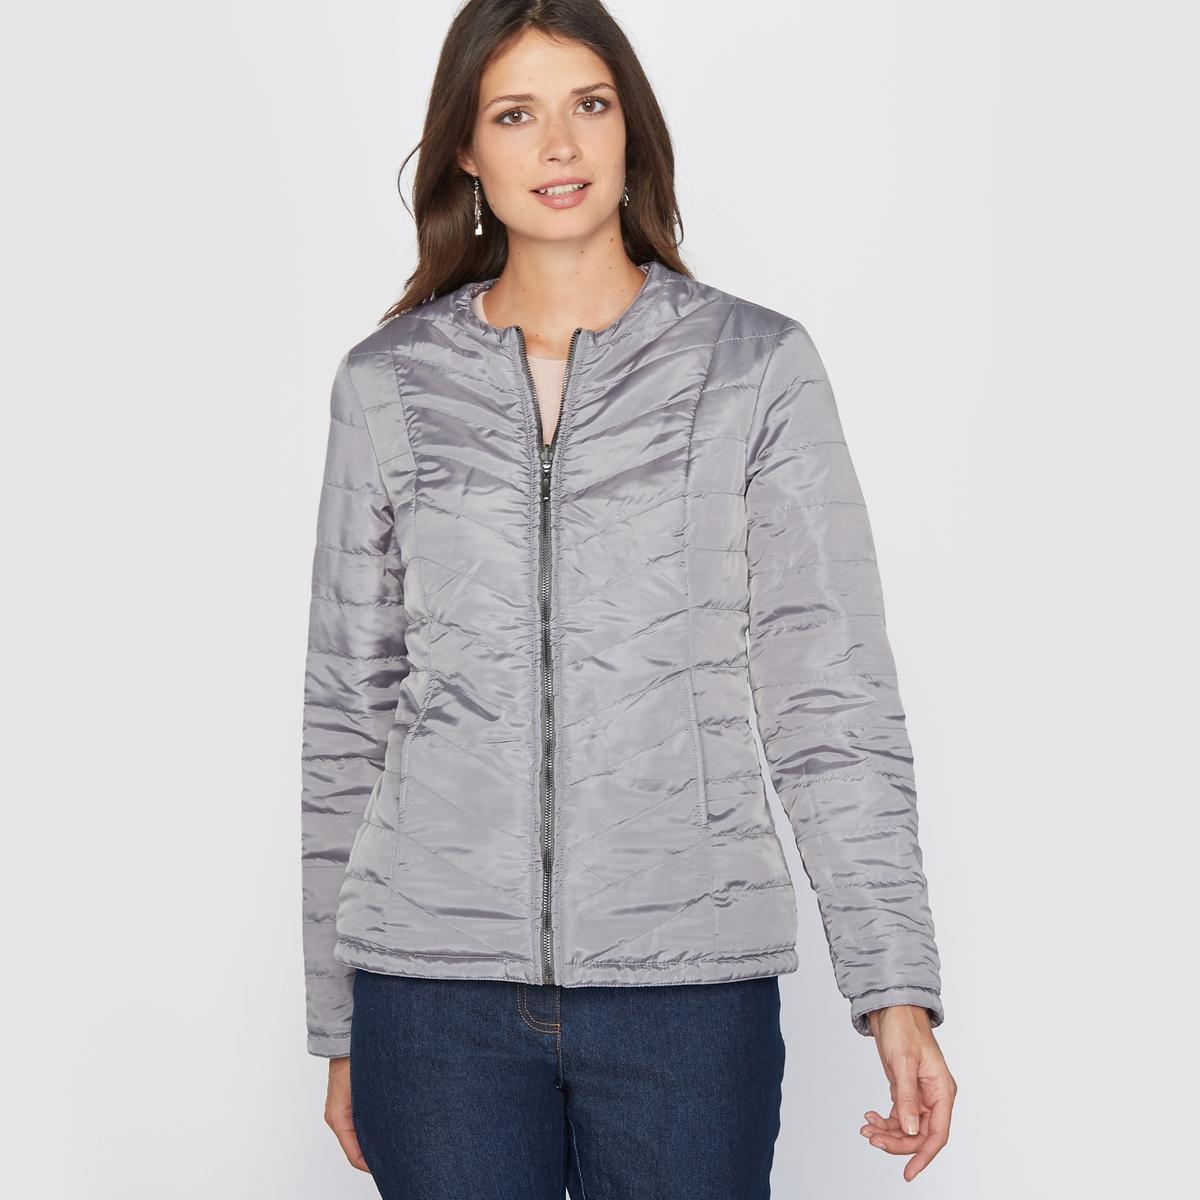 Куртка стёганая, лёгкая, двусторонняя, обработанная тефлономКуртка стёганая двусторонняя. Эта стёганая куртка, тонкая и слегка прошитая, Вам просто необходима! Эту двустороннюю куртку Вы можете носить так, как Вам угодно - на стороне с принтом или на однотонной стороне! Прошивка спереди и сзади. Круглый вырез, застёжка на молнию спереди.Приталенный покрой, отрезные детали спереди и сзади. 2 отрезных кармана.Состав и описание:Материал: Ткань из 100% полиамида, обработанная тефлоном.Длина: 62 см.Марка: Anne WeyburnУход:Машинная стирка при 30° в умеренном режиме.Не гладить.<br><br>Цвет: рисунок/фон антрацит